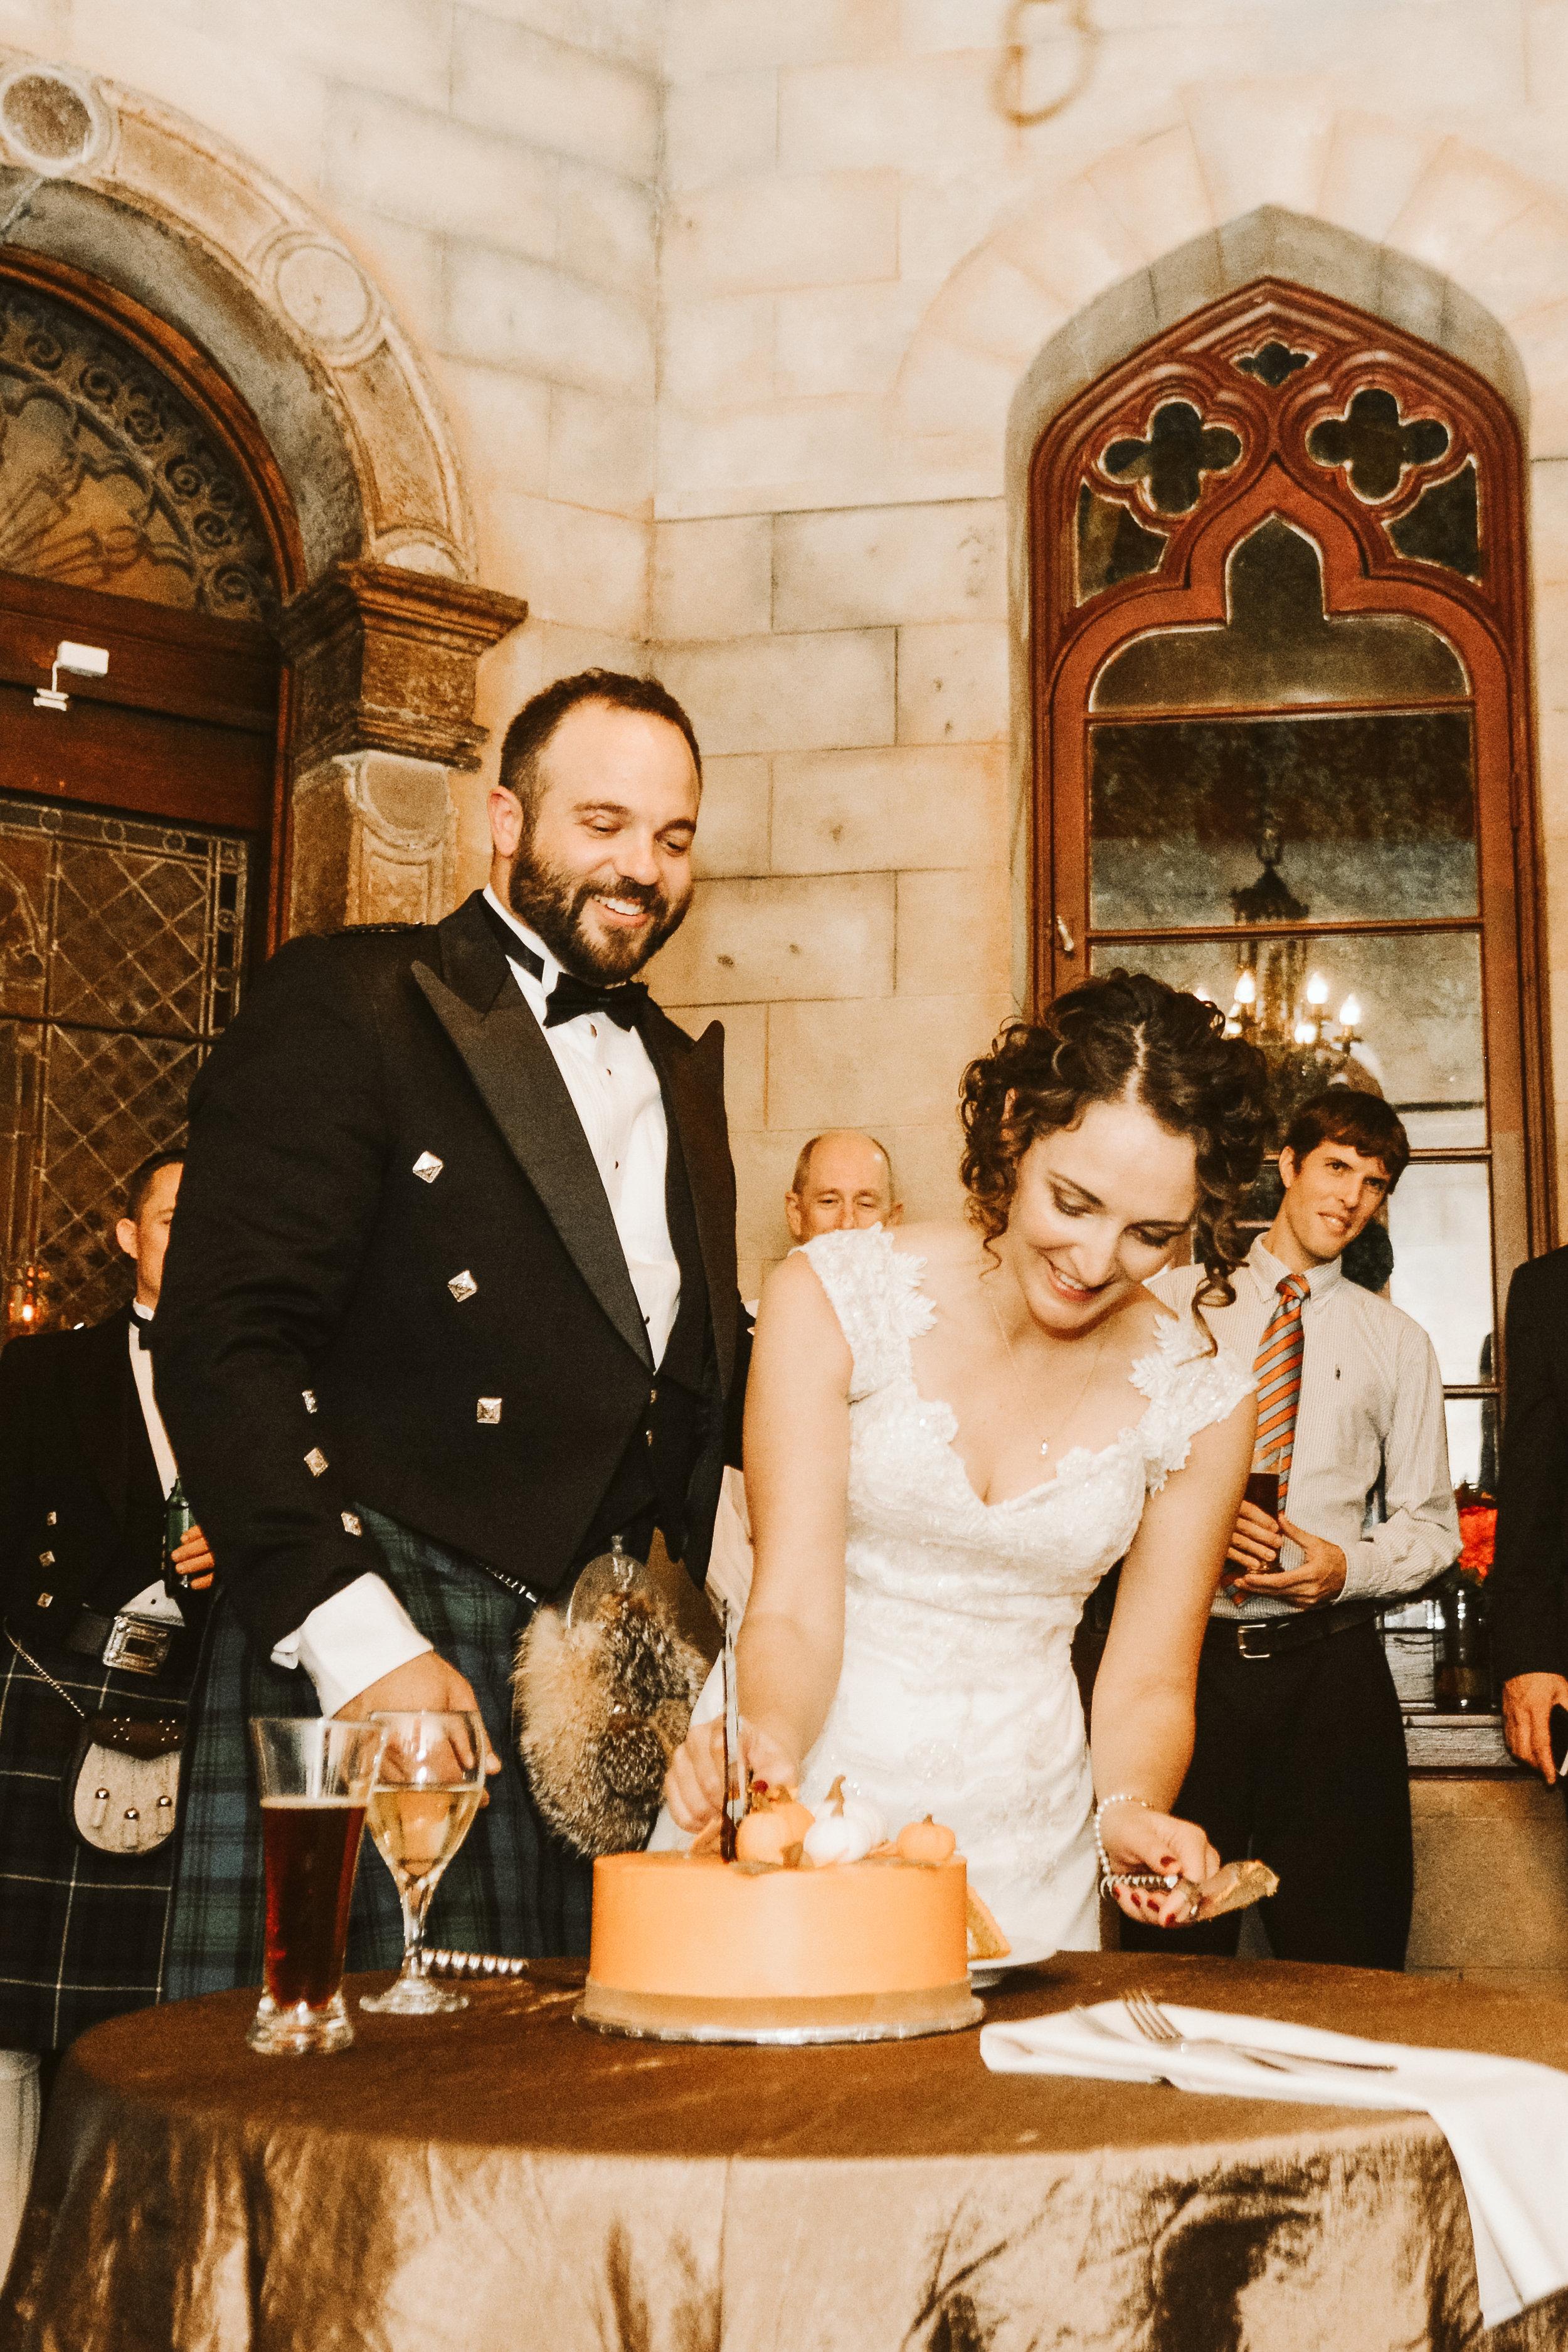 adrienne and greg's wedding 2018 edits-63.jpg